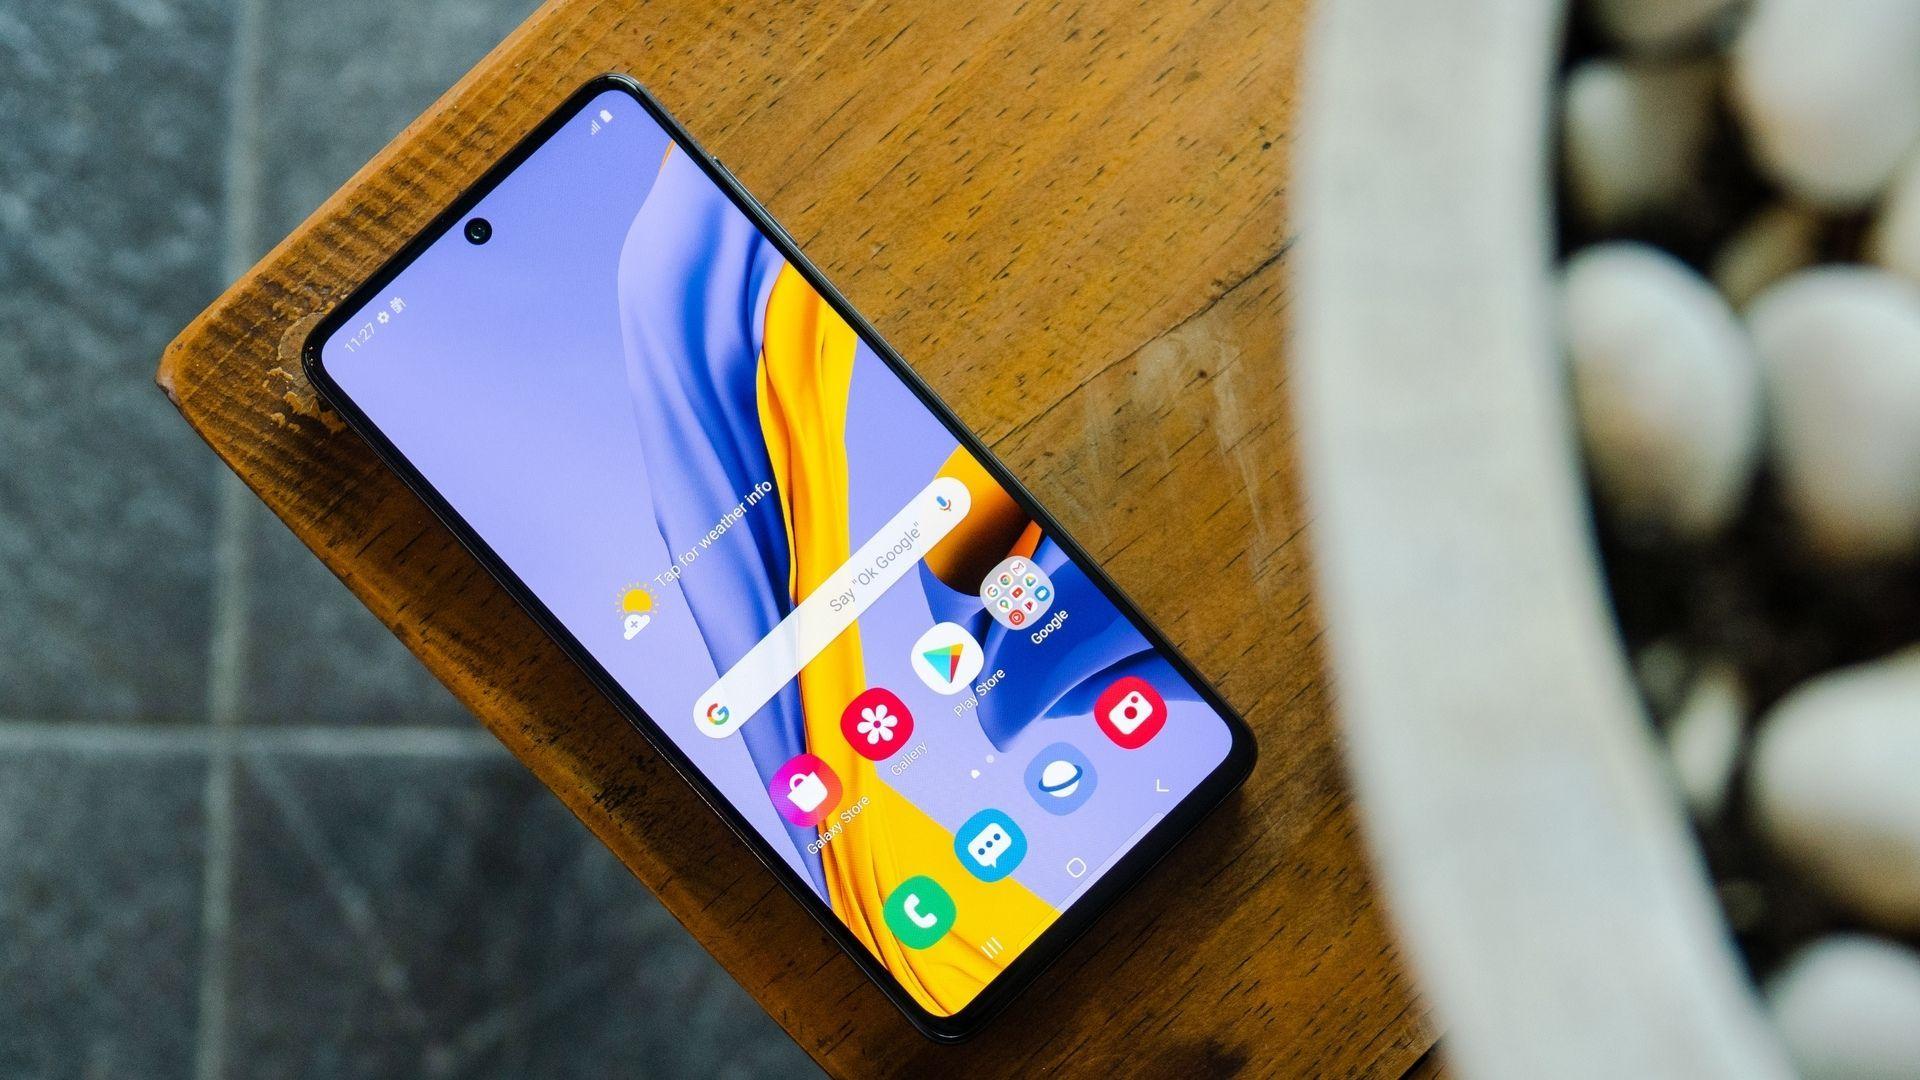 Samsung Galaxy M51 vem habilitado com a função de contraste infinito - Shutterstock